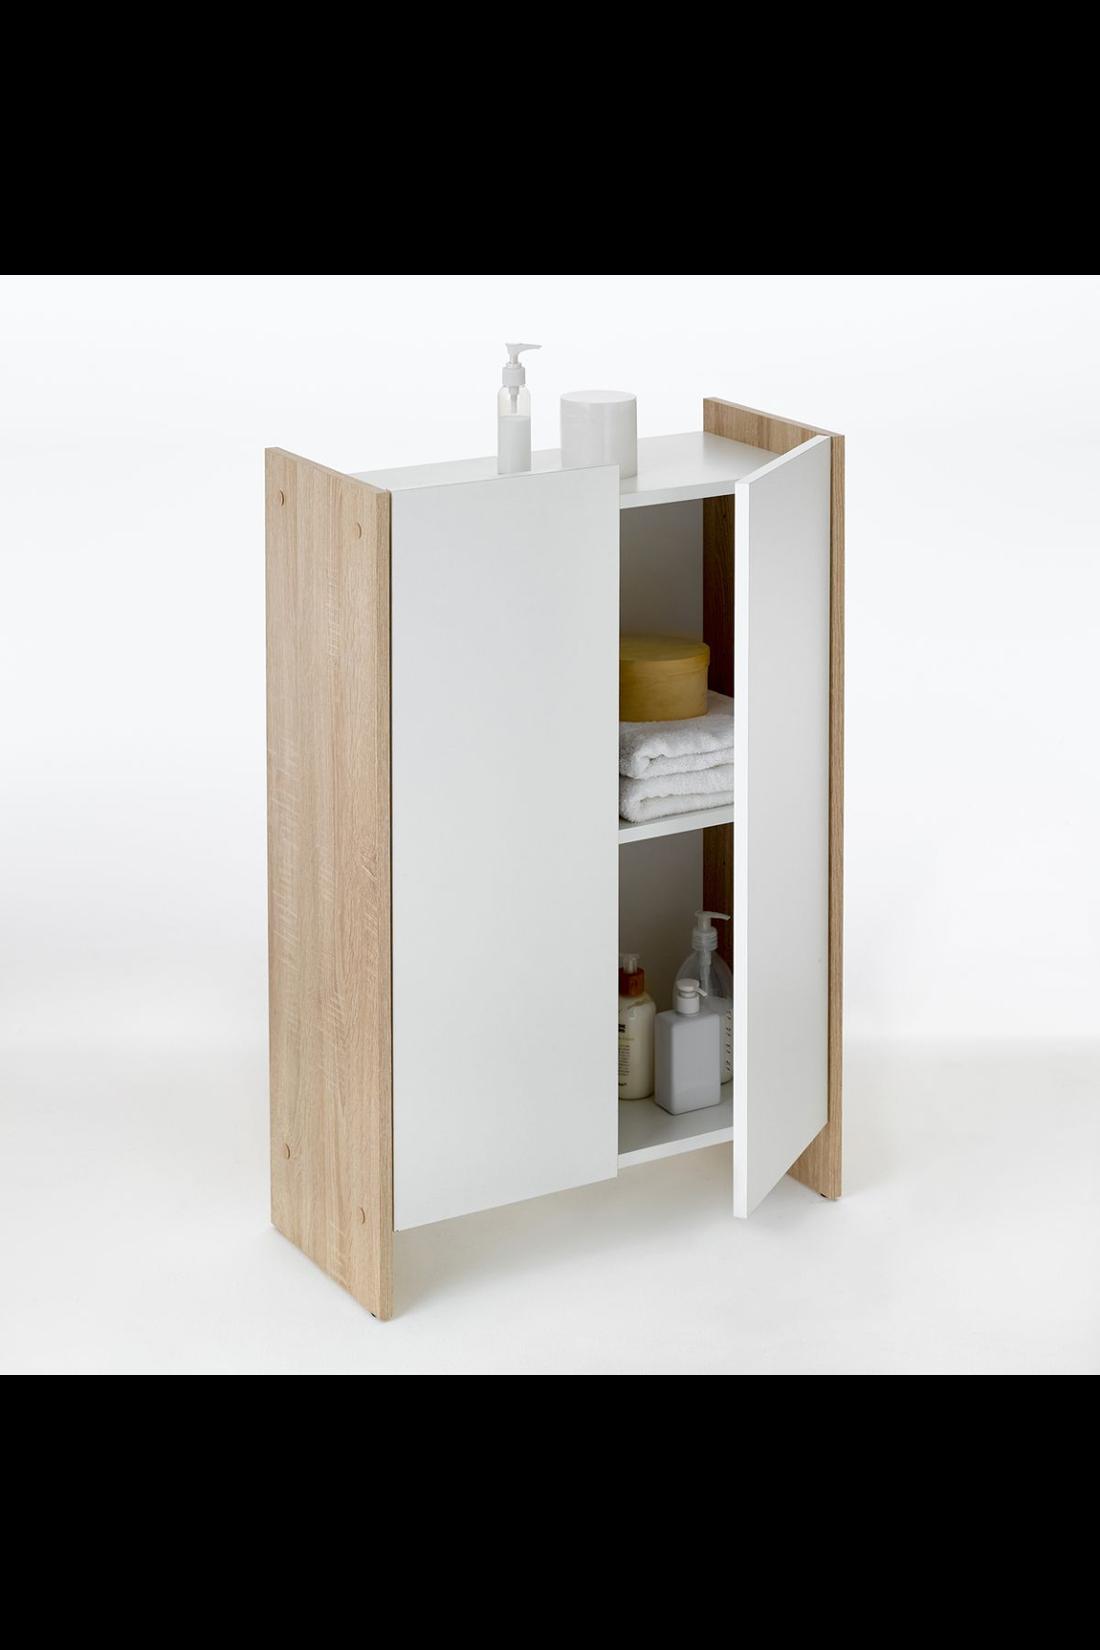 Meuble de salle de bain 2 portes mobler home for Meuble de salle de bain sans porte